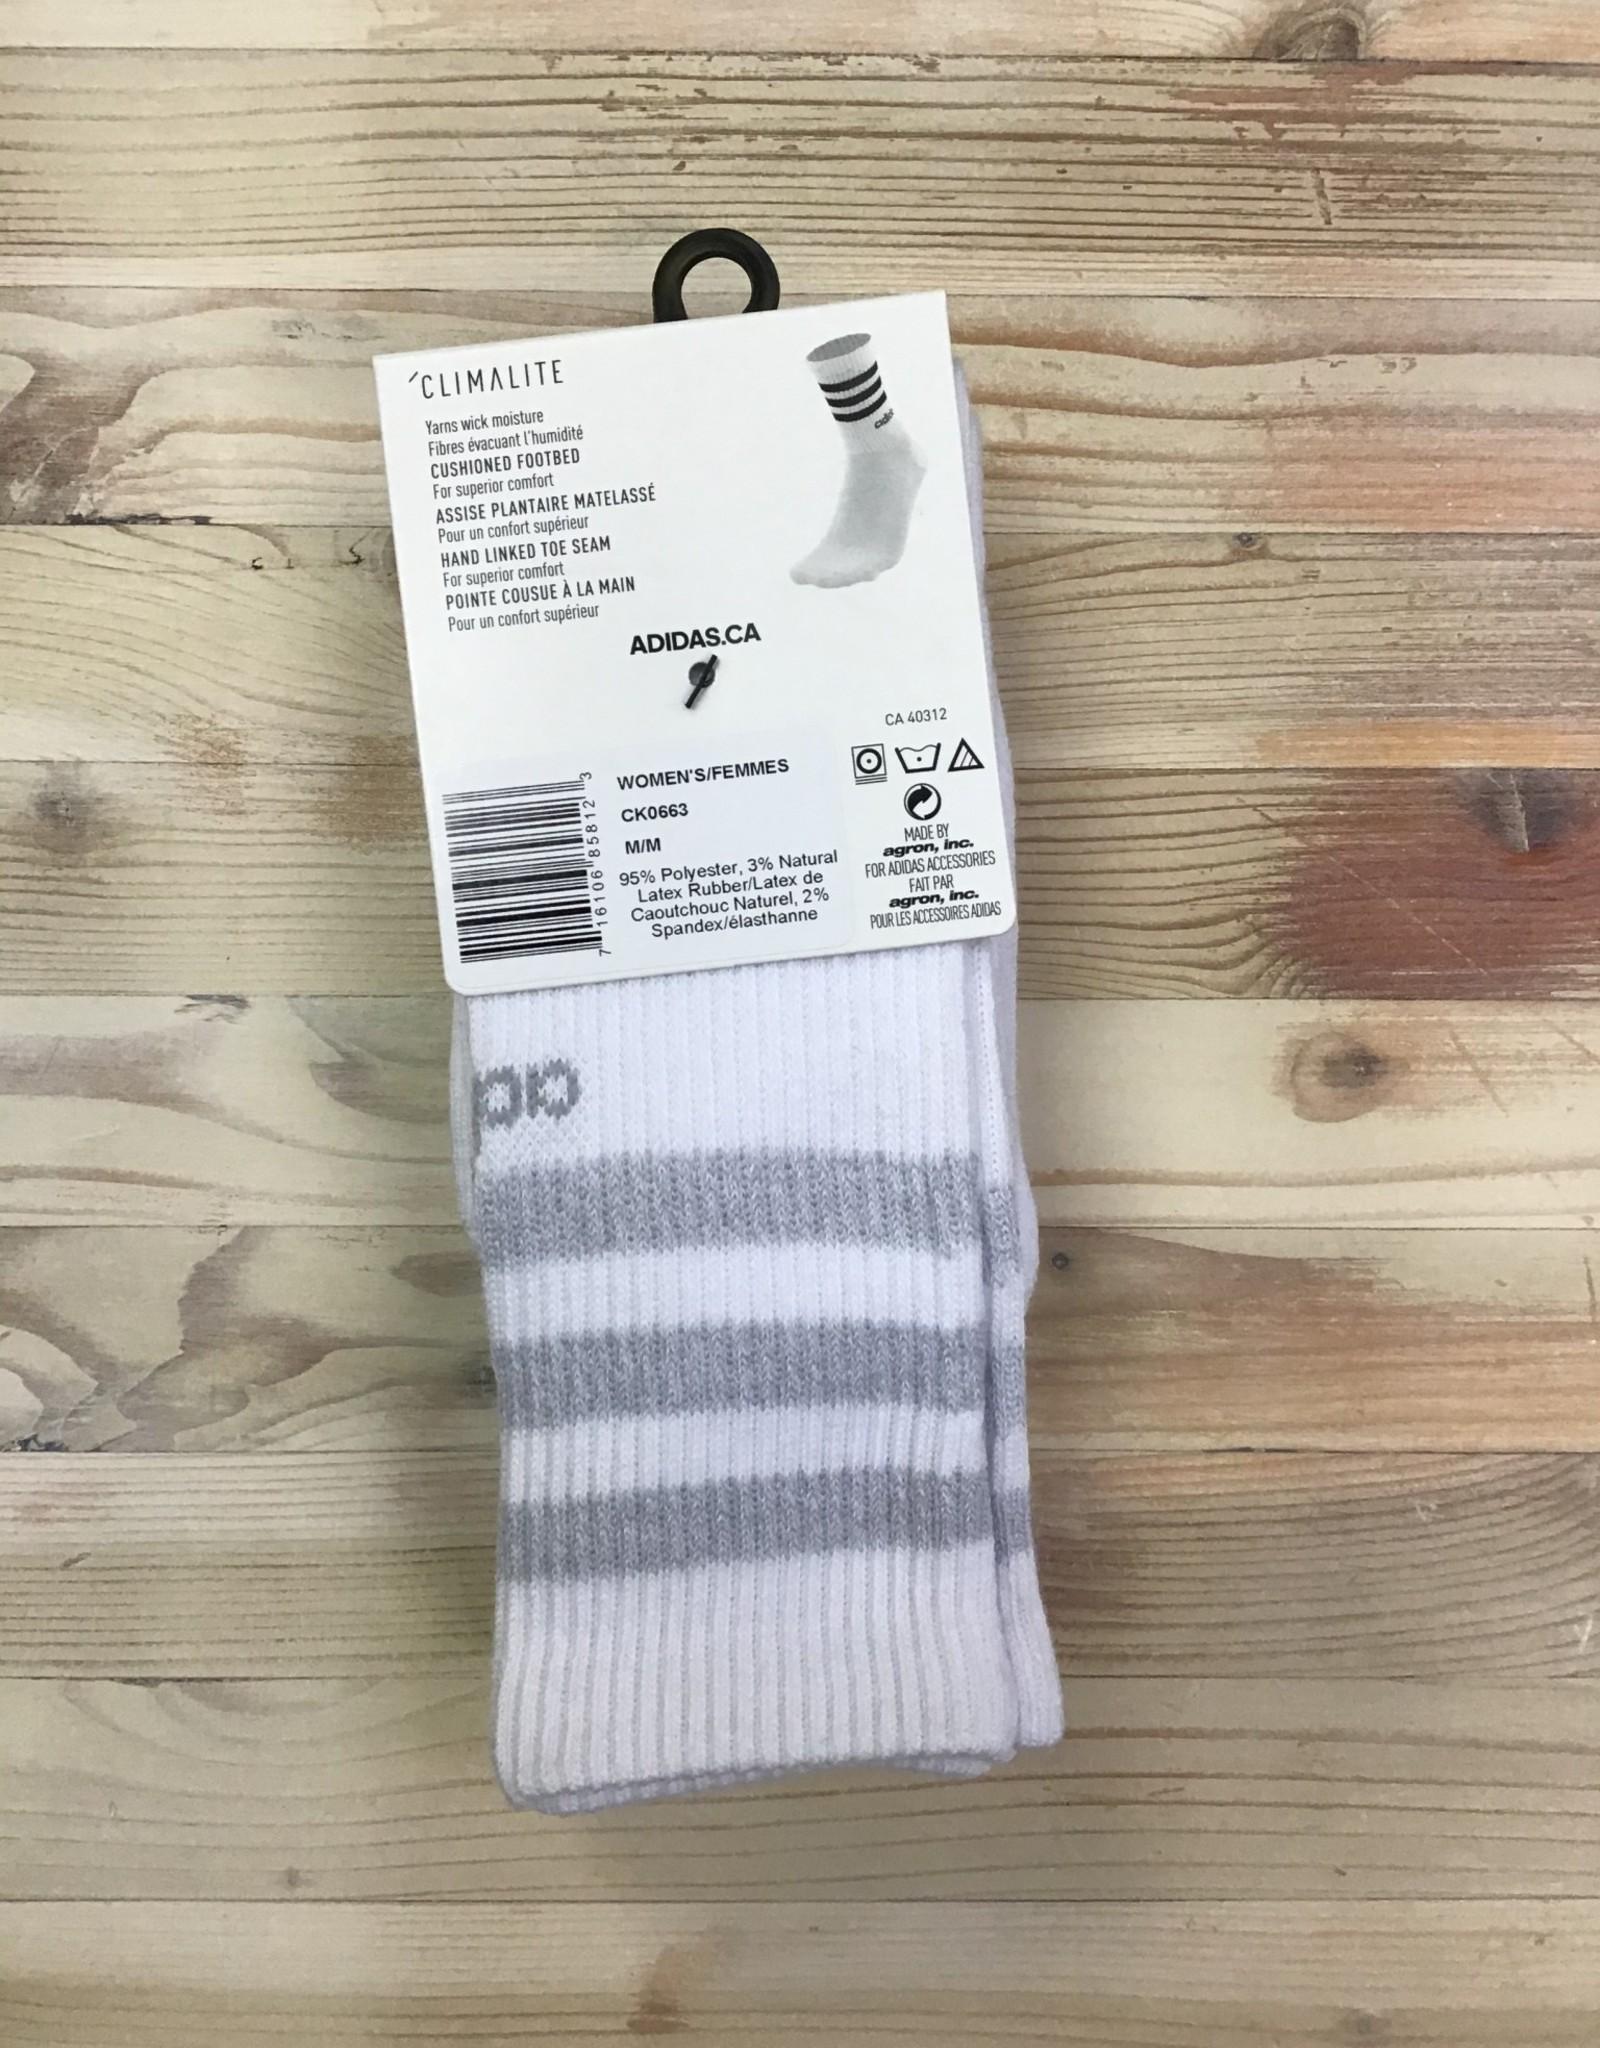 Adidas Adidas CK0663 3 Pack Socks Ladies'